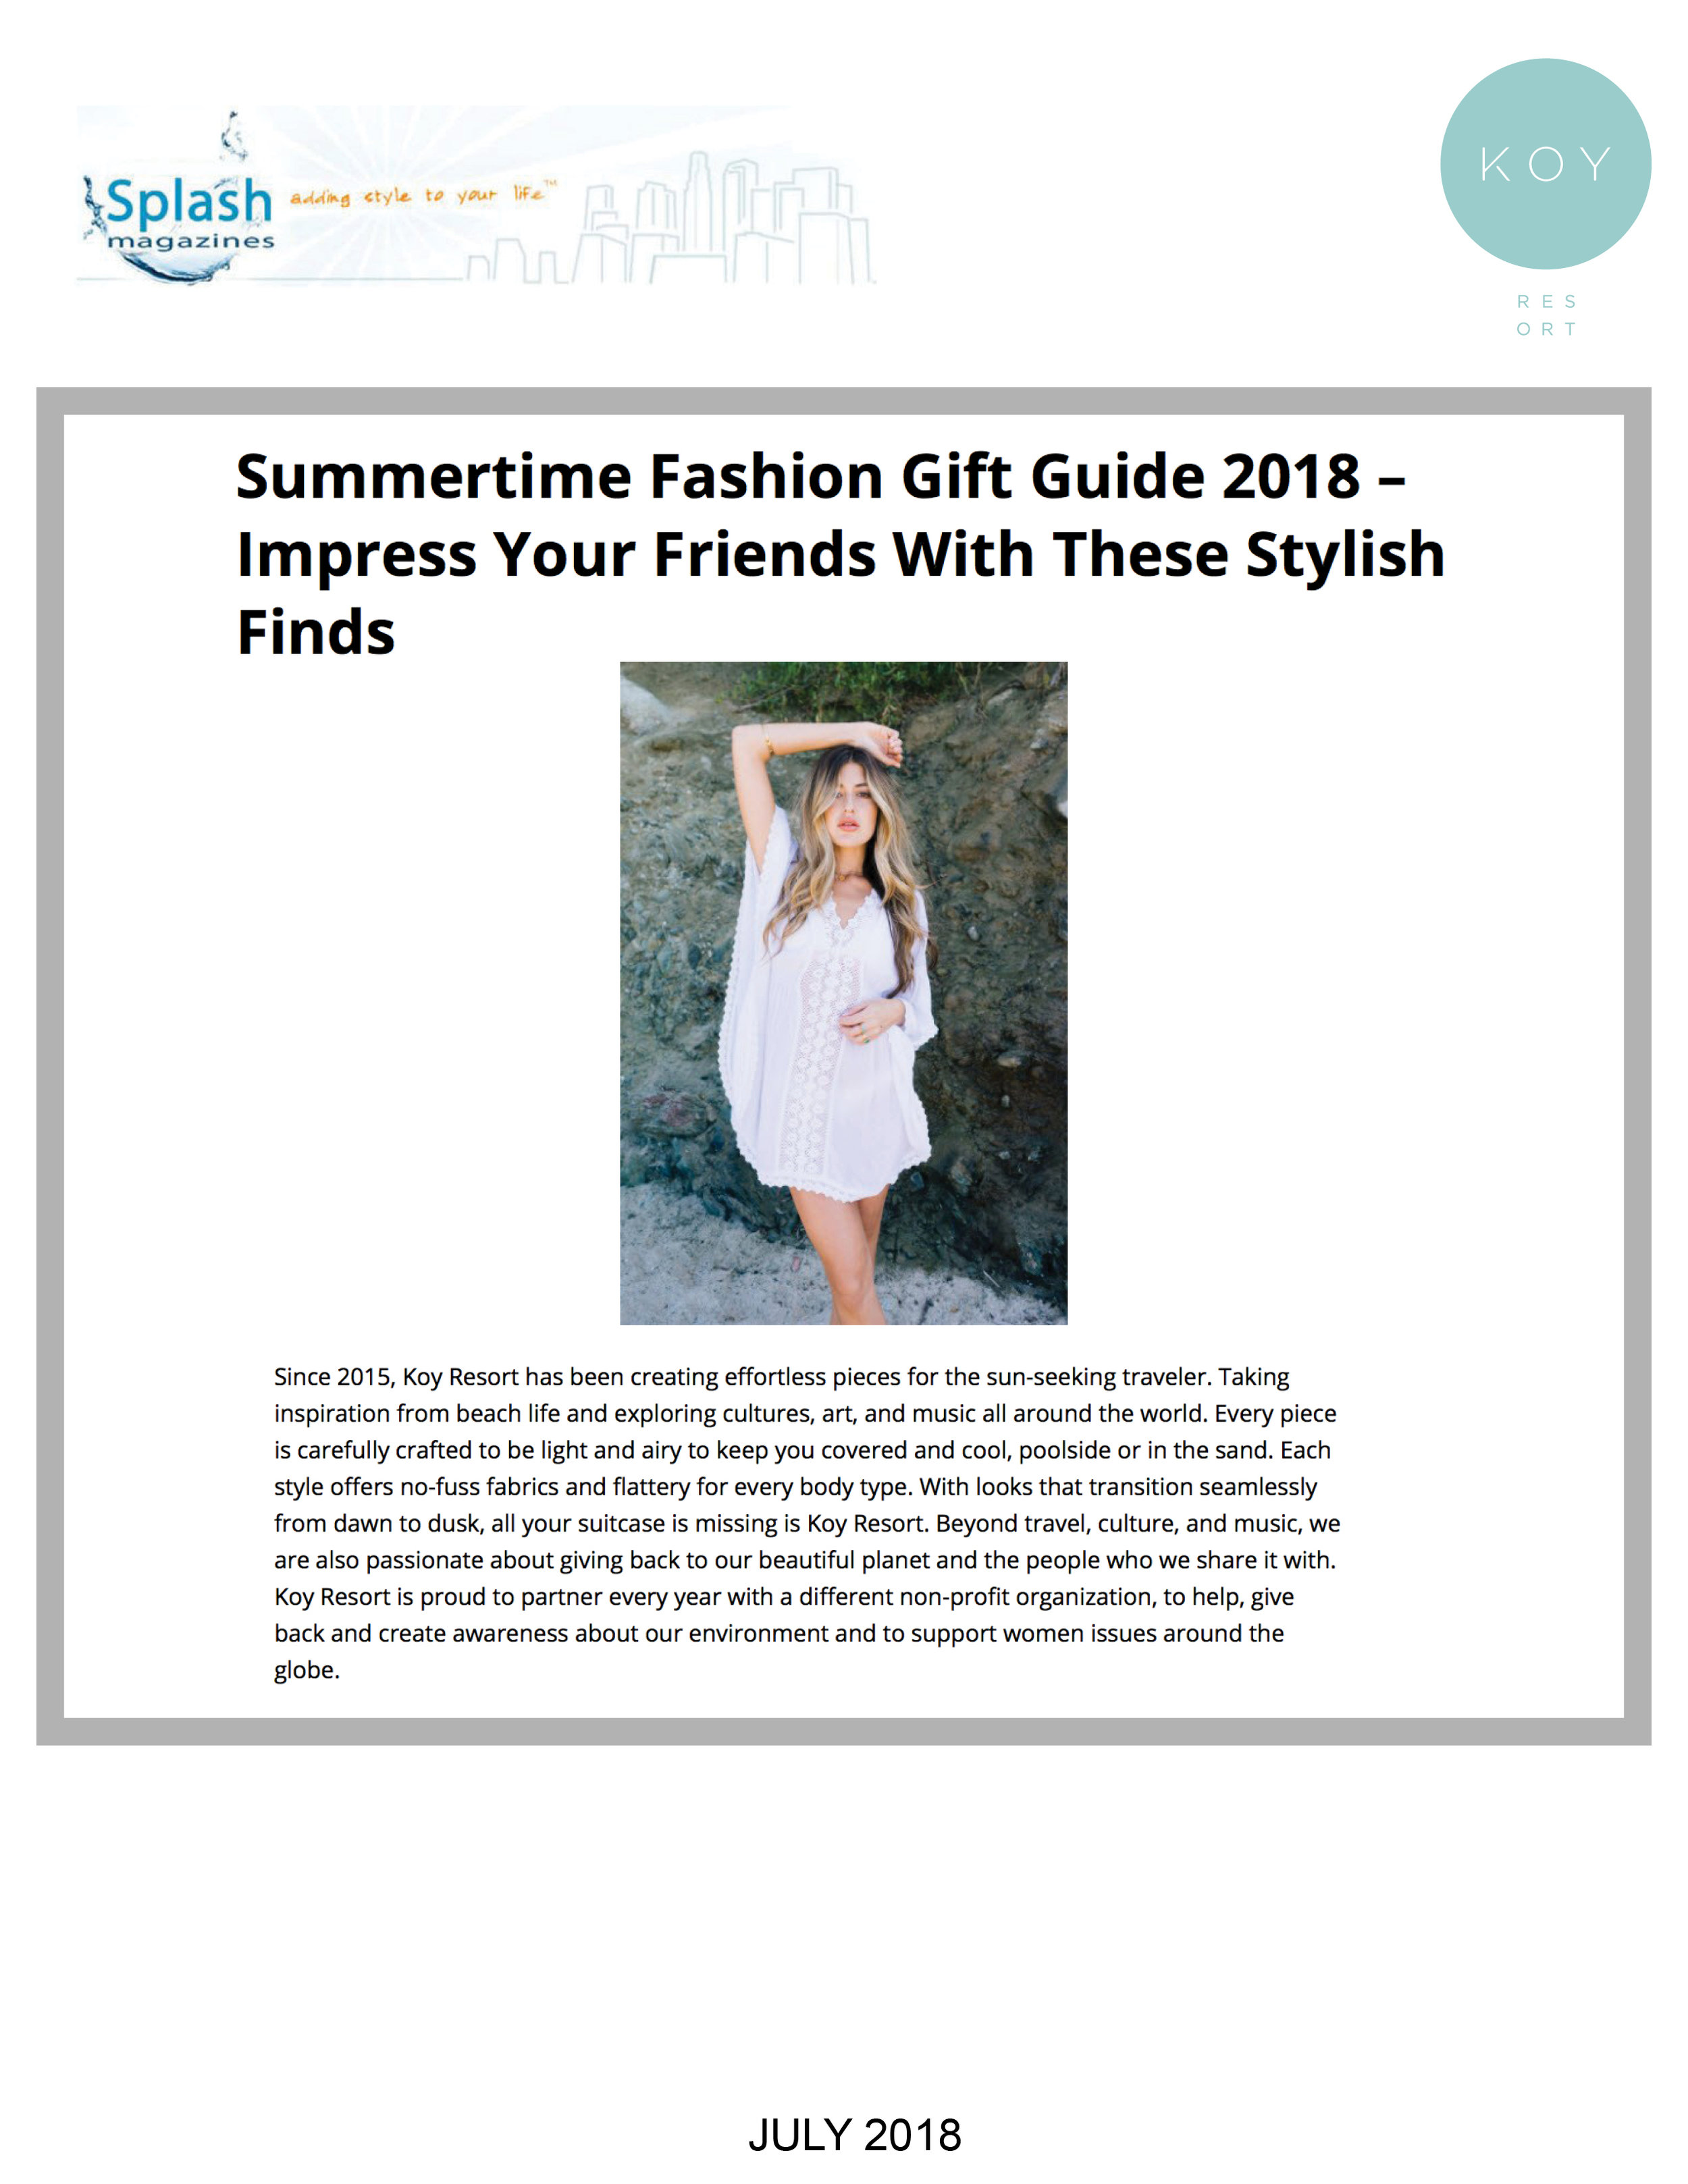 KoyResort_SplashMagazine_July2018.jpg